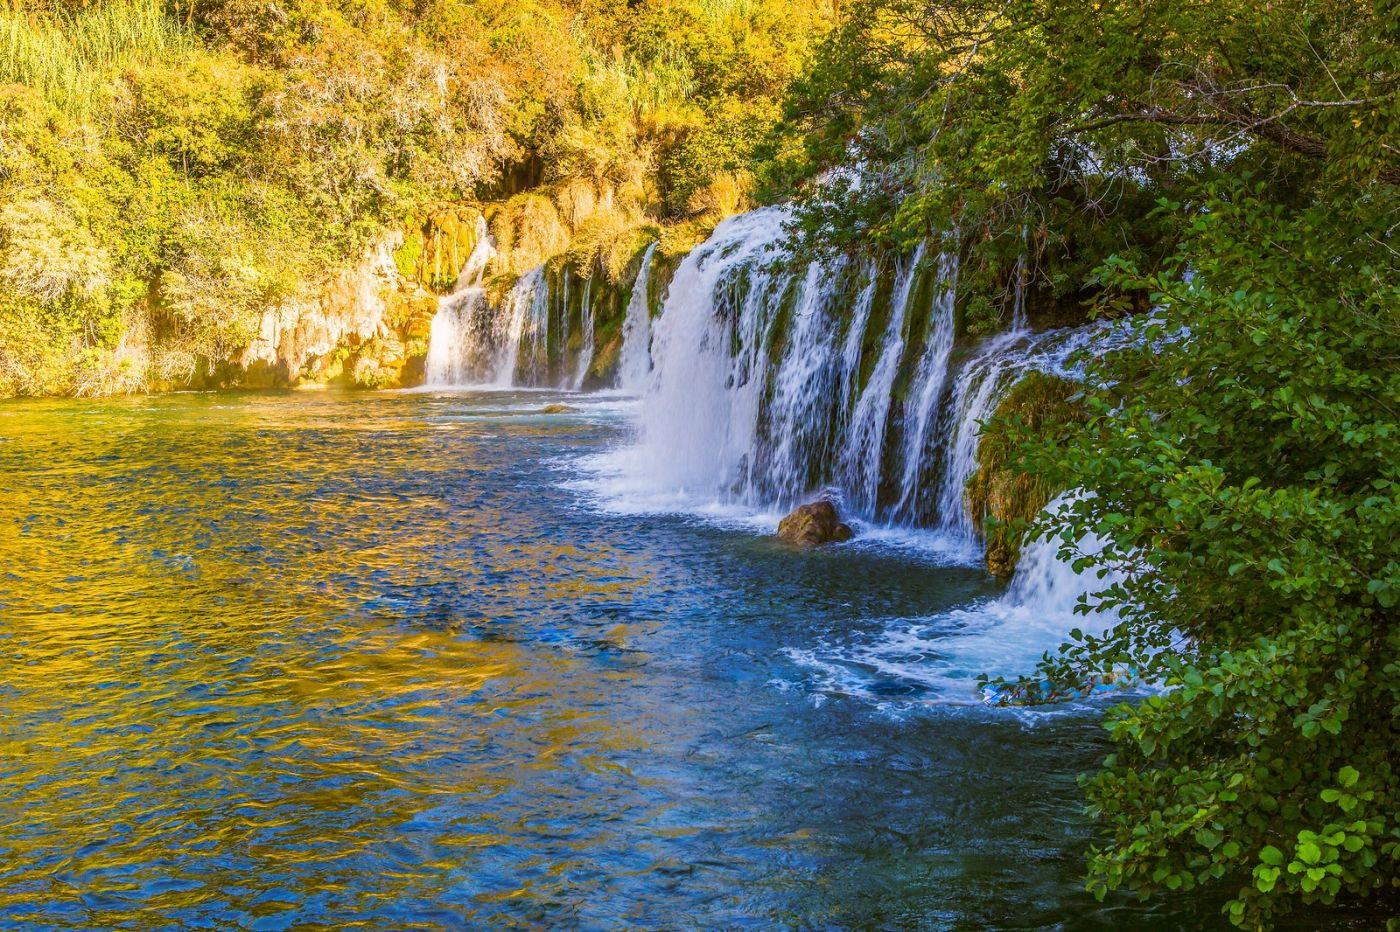 克罗地亚克尔卡国家公园(Krka National Park),瀑布瀑布瀑布_图1-10